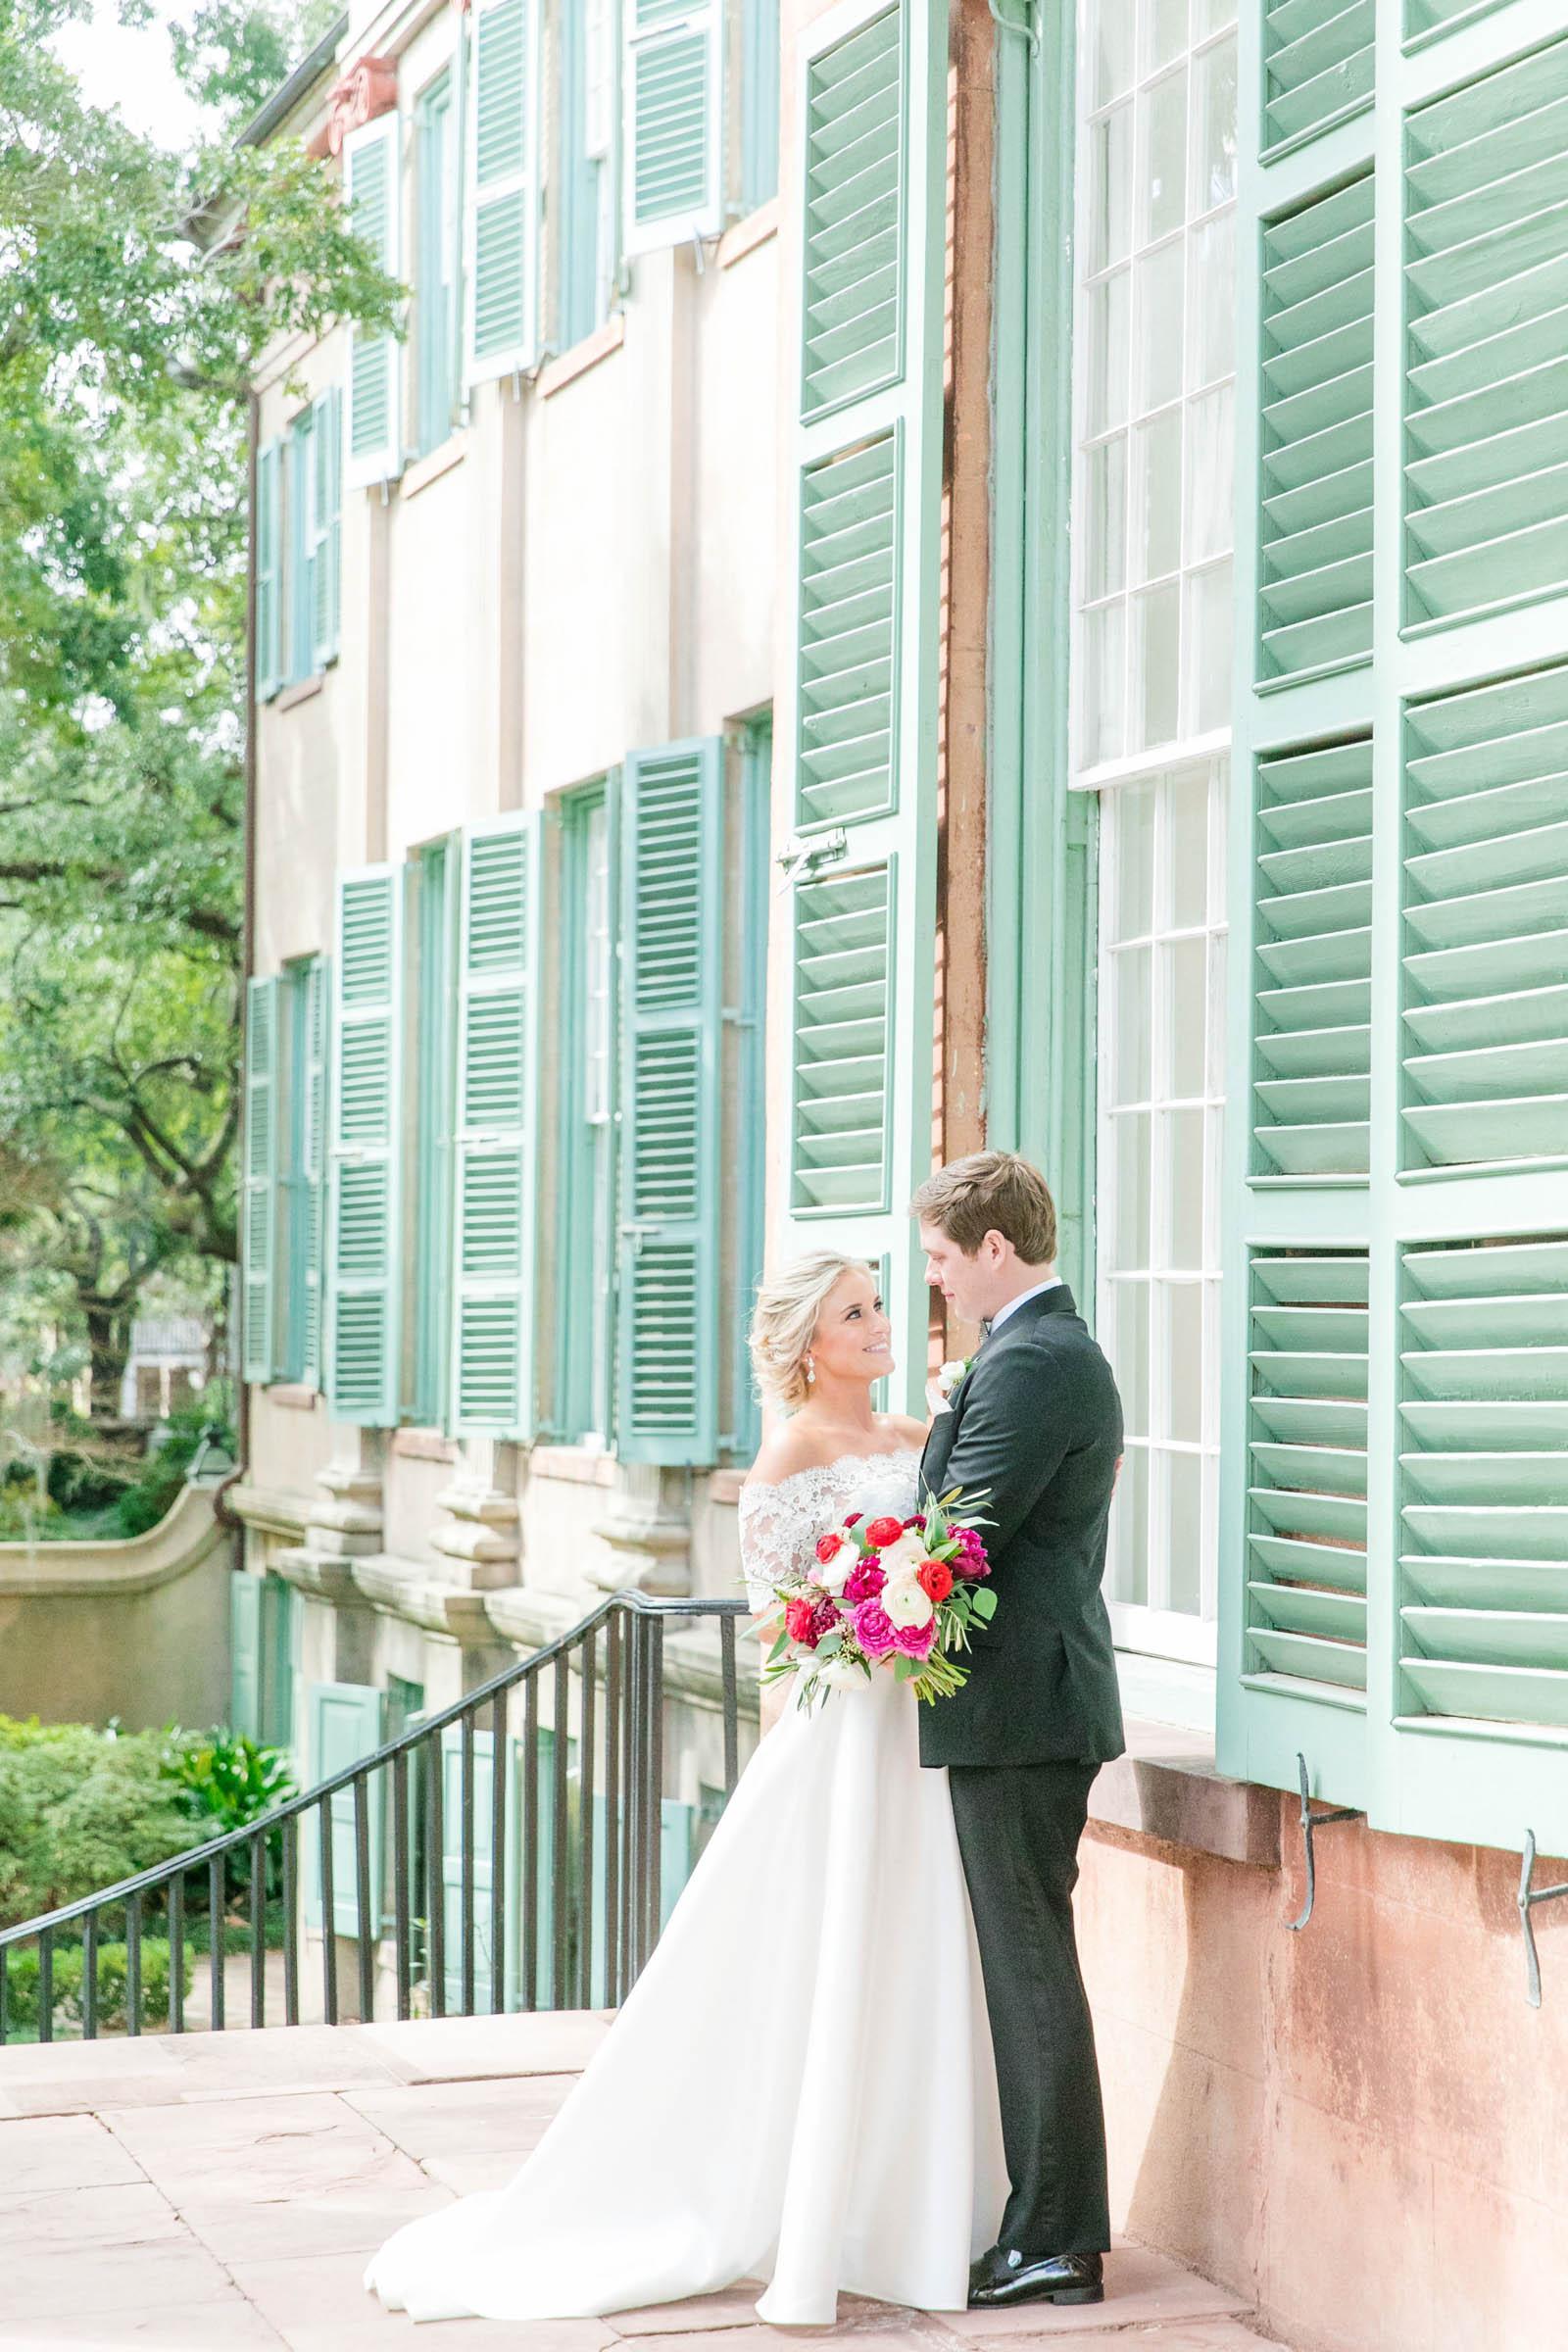 couple-portrait-against-aqua-shutters-dana-cubbage-weddings